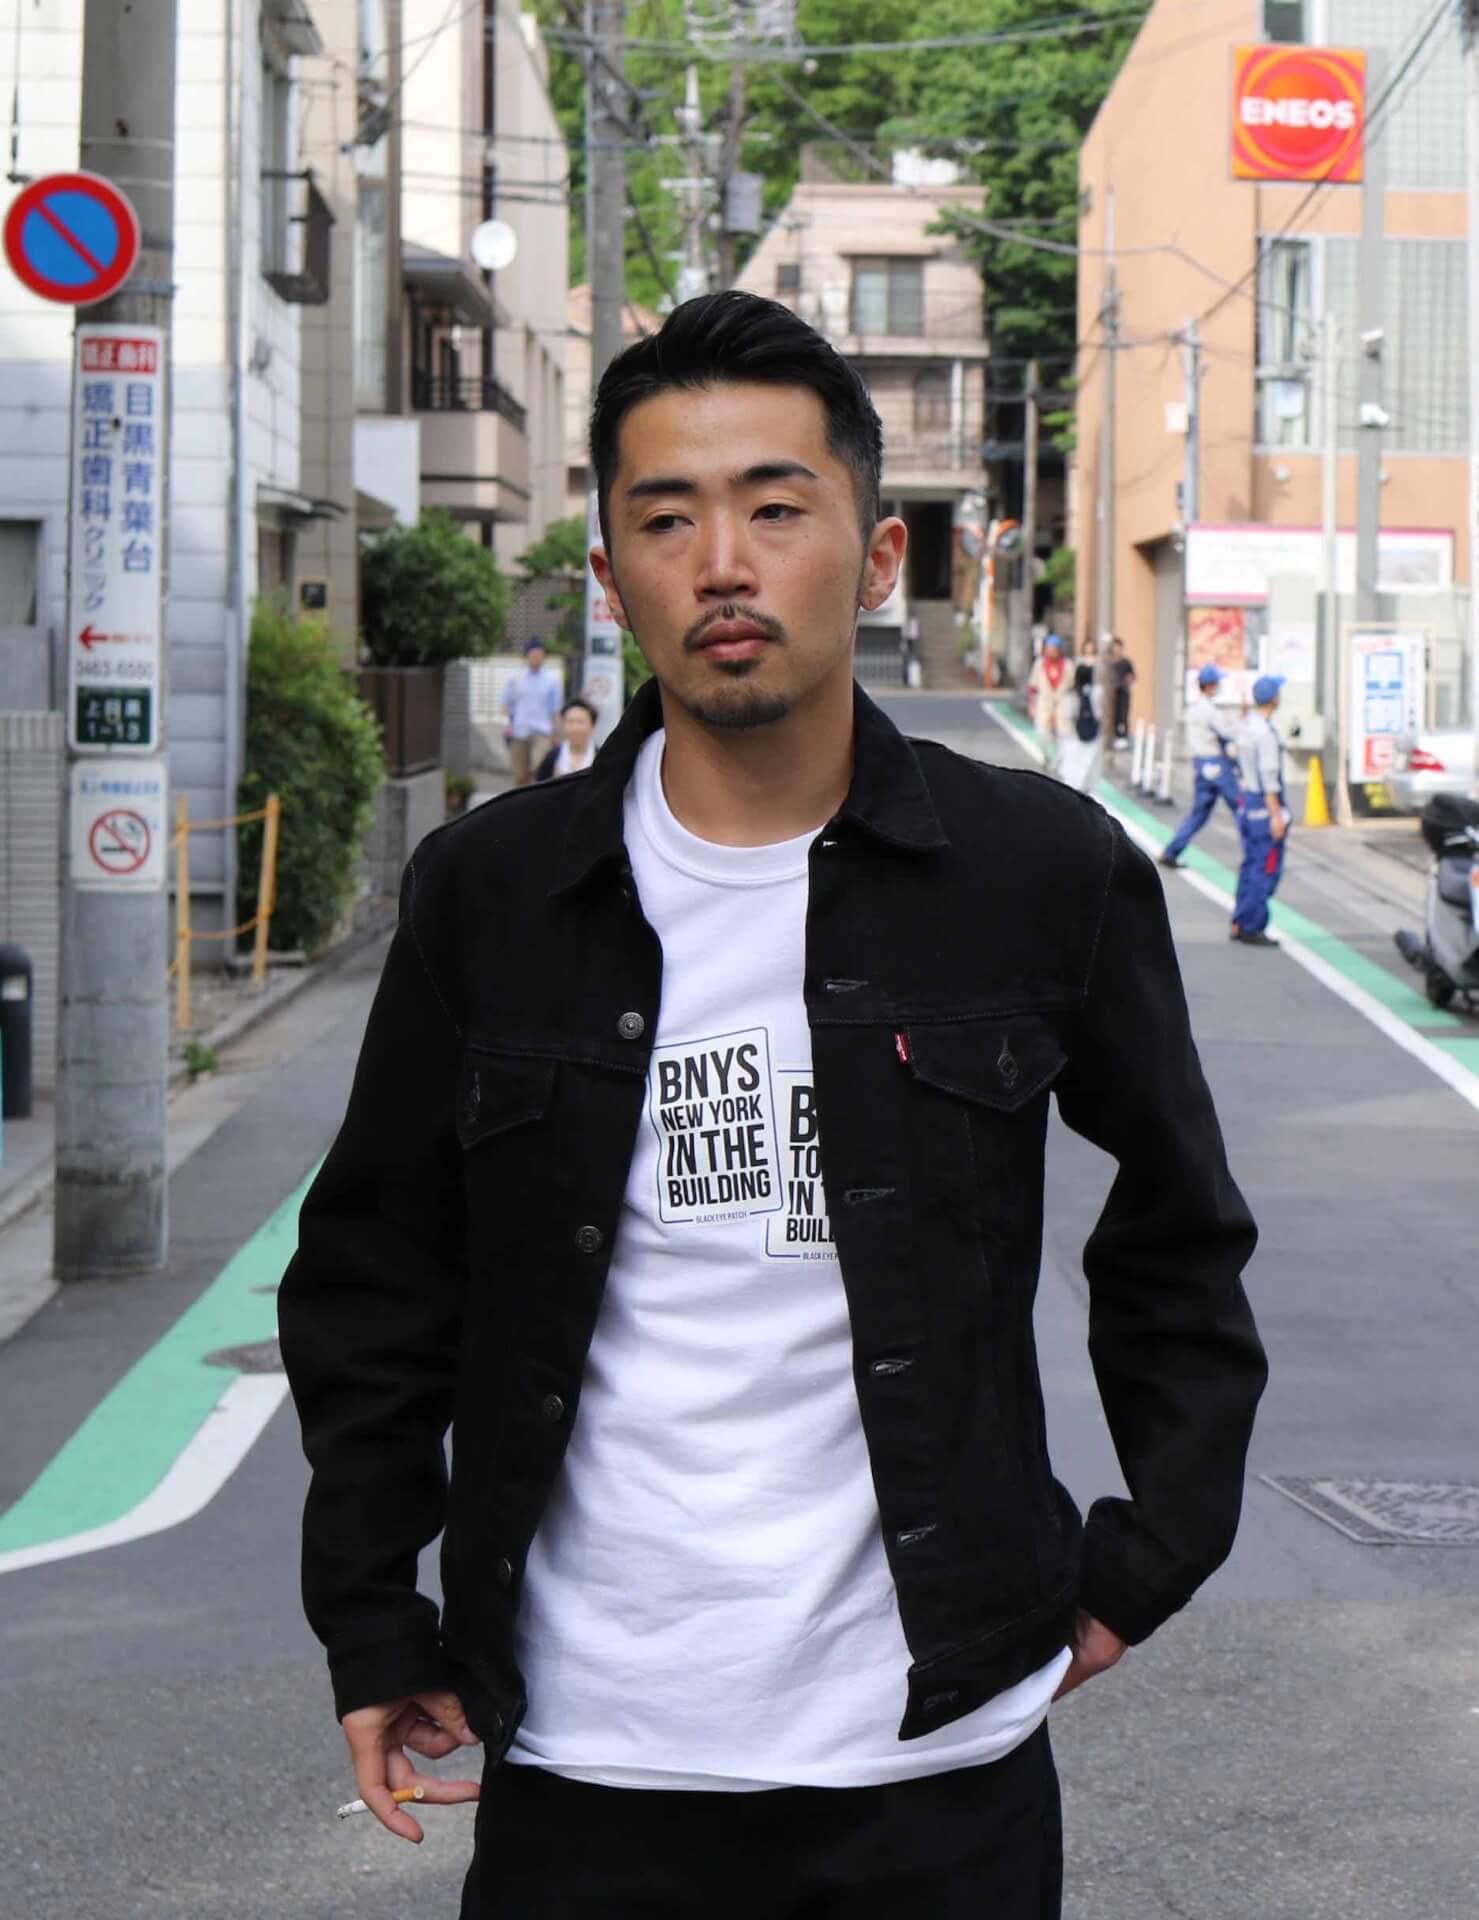 ジョニーウォーカーの期間限定コンセプトバーが渋谷に誕生|河村康輔&上岡拓也&WOK22の巨大コラボアートも展示 artculture_191108_johnniehighball_3